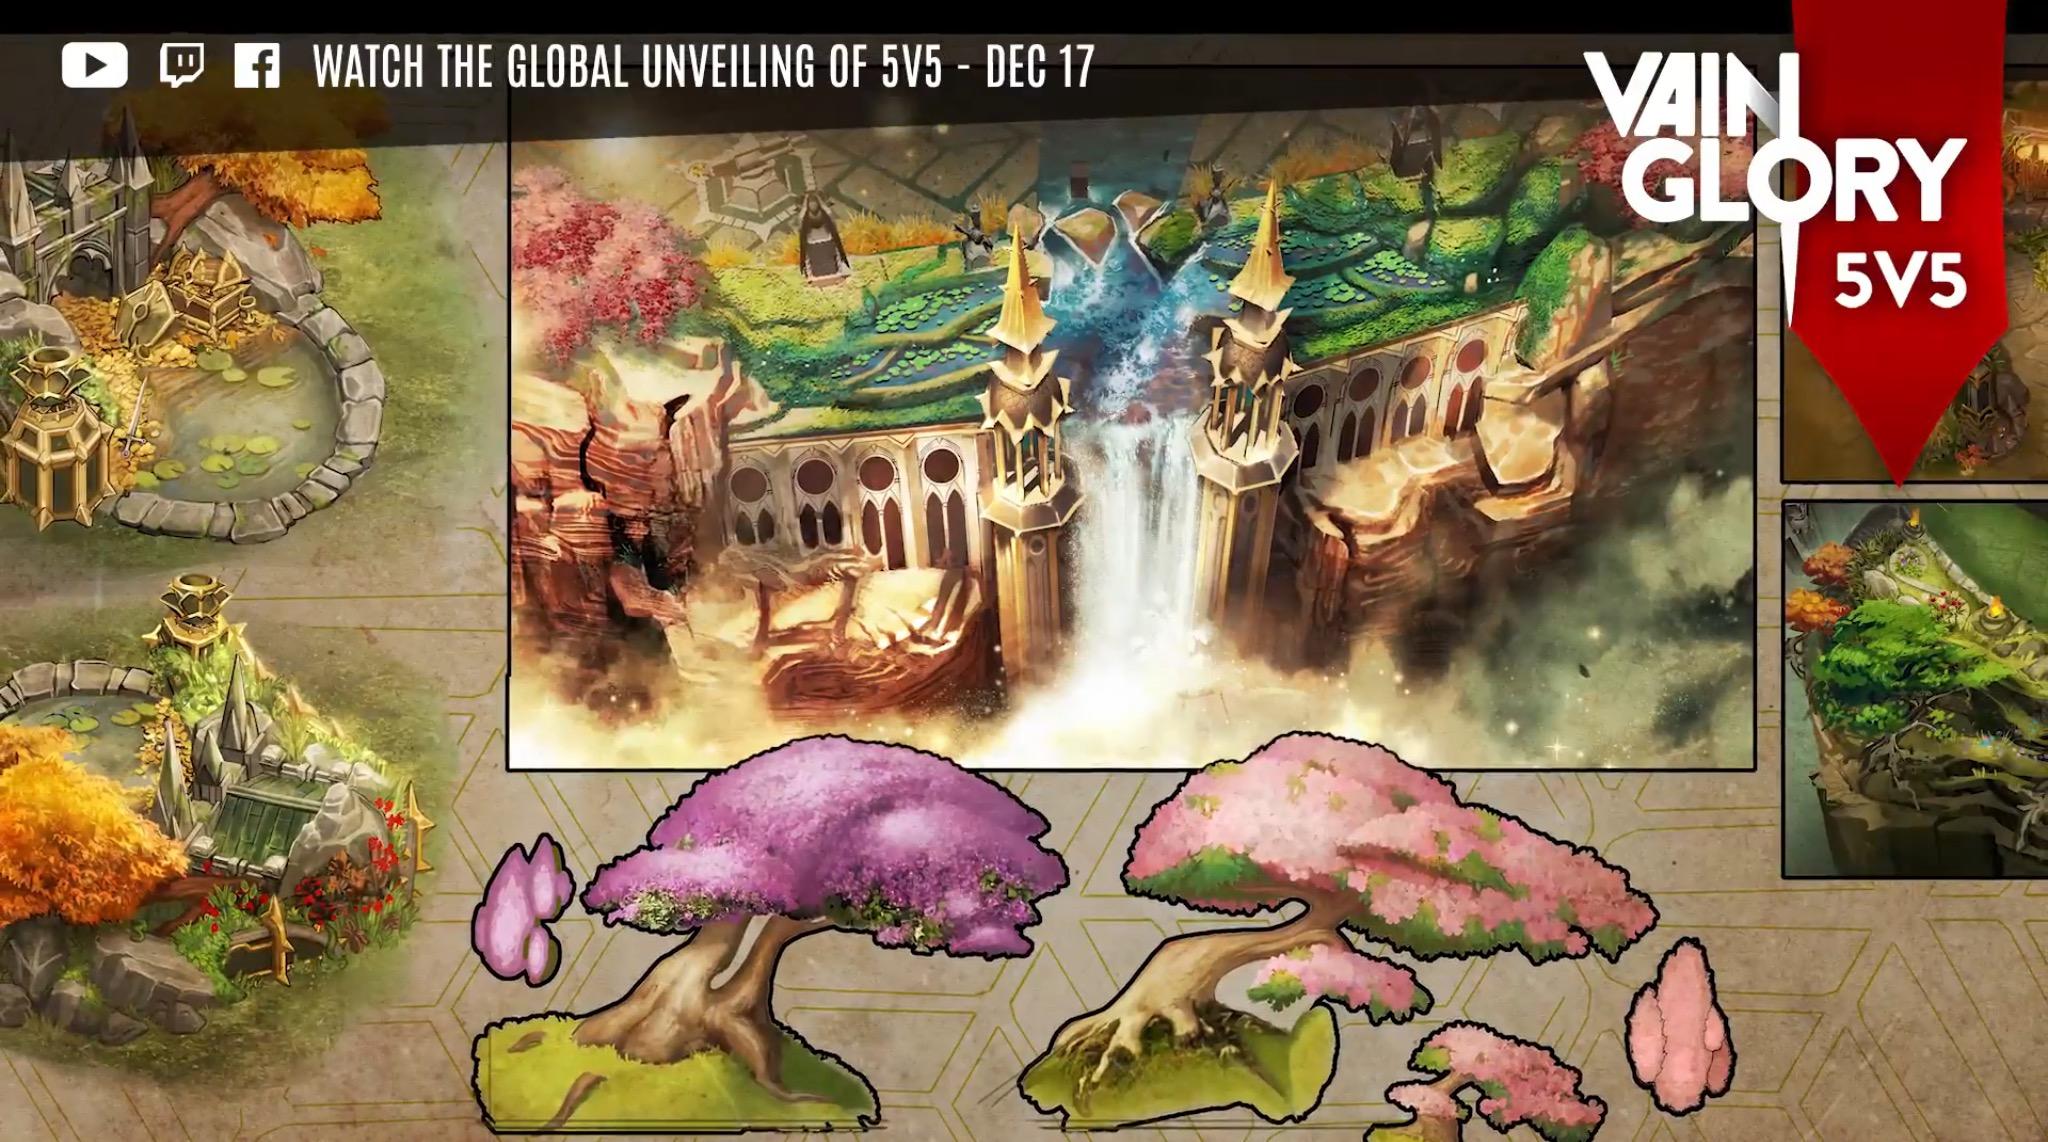 vainglory 5v5 map teaser